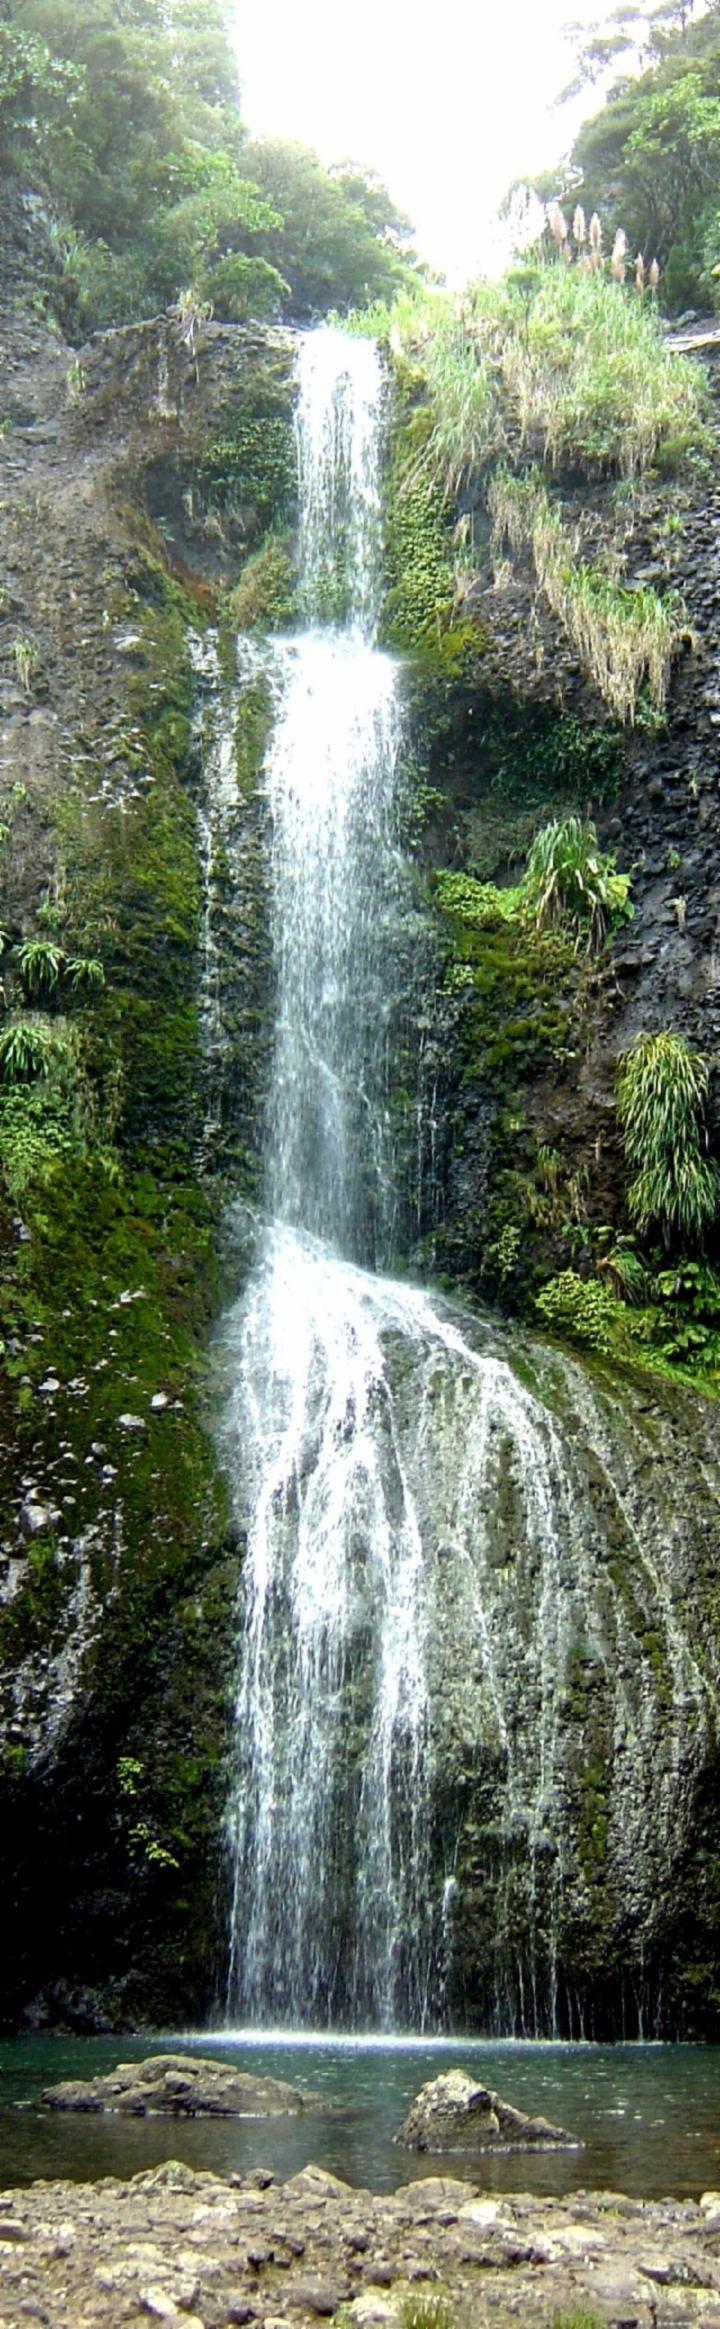 Kitekite Falls, Piha, Auckland, New Zealand